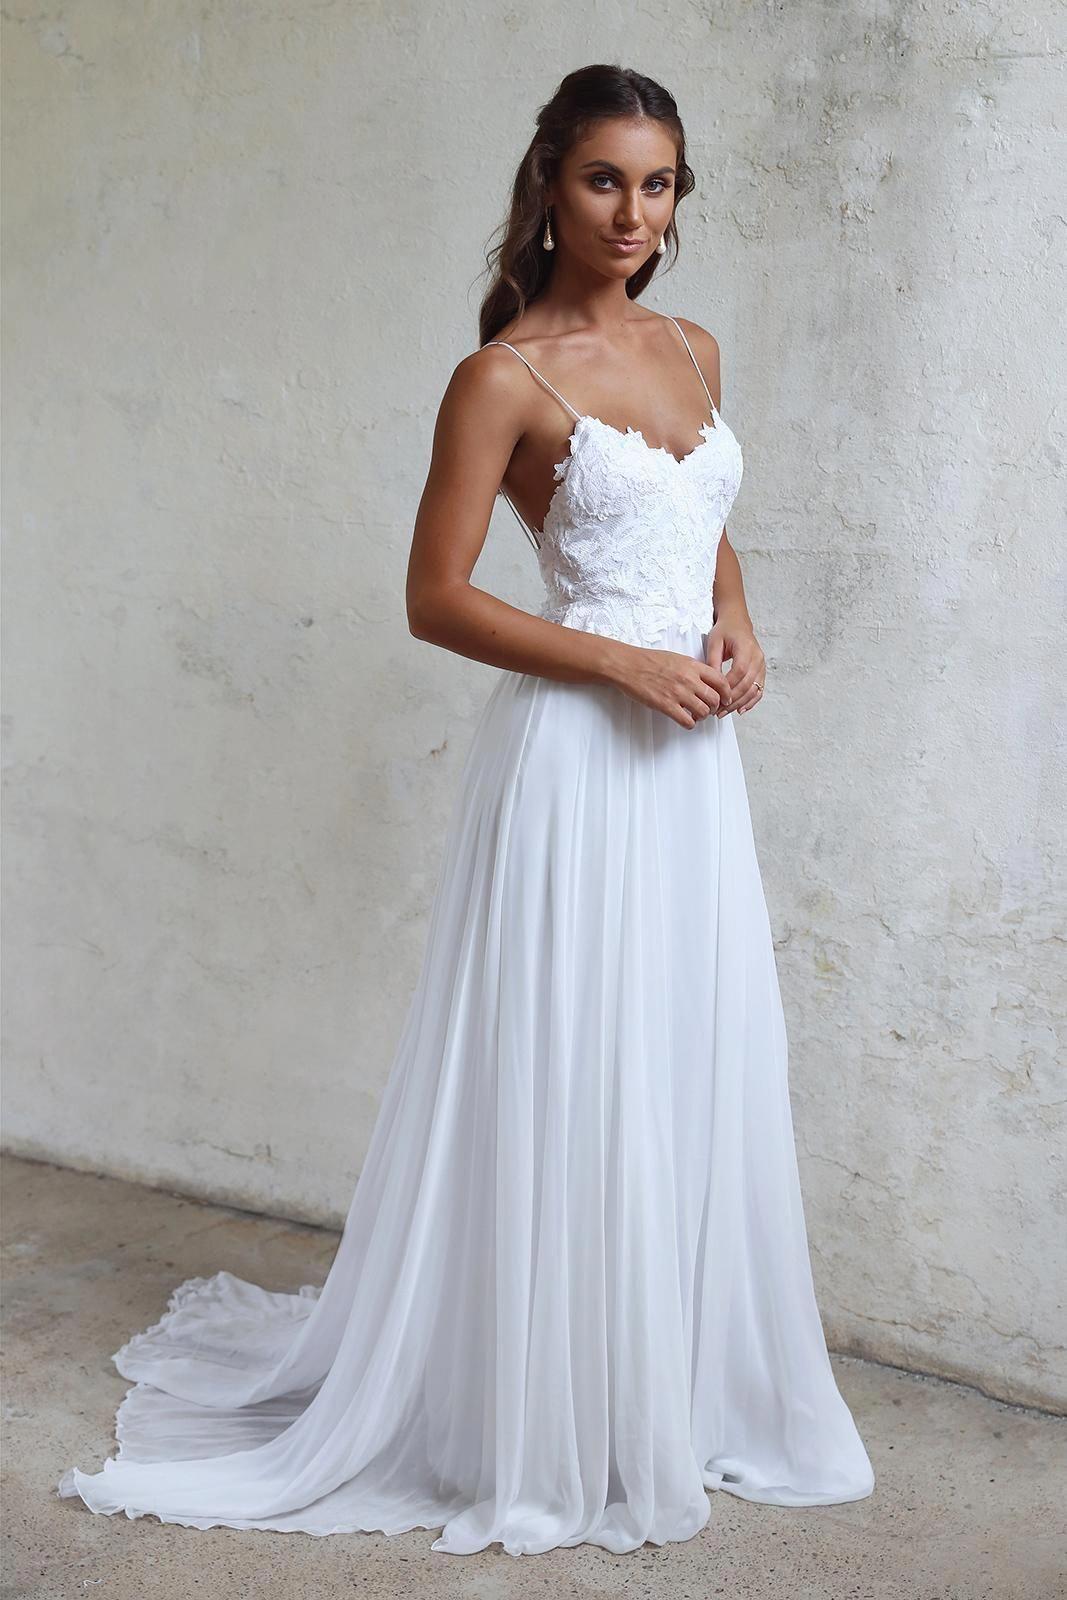 Tara in lovely wedding dress pinterest wedding dresses